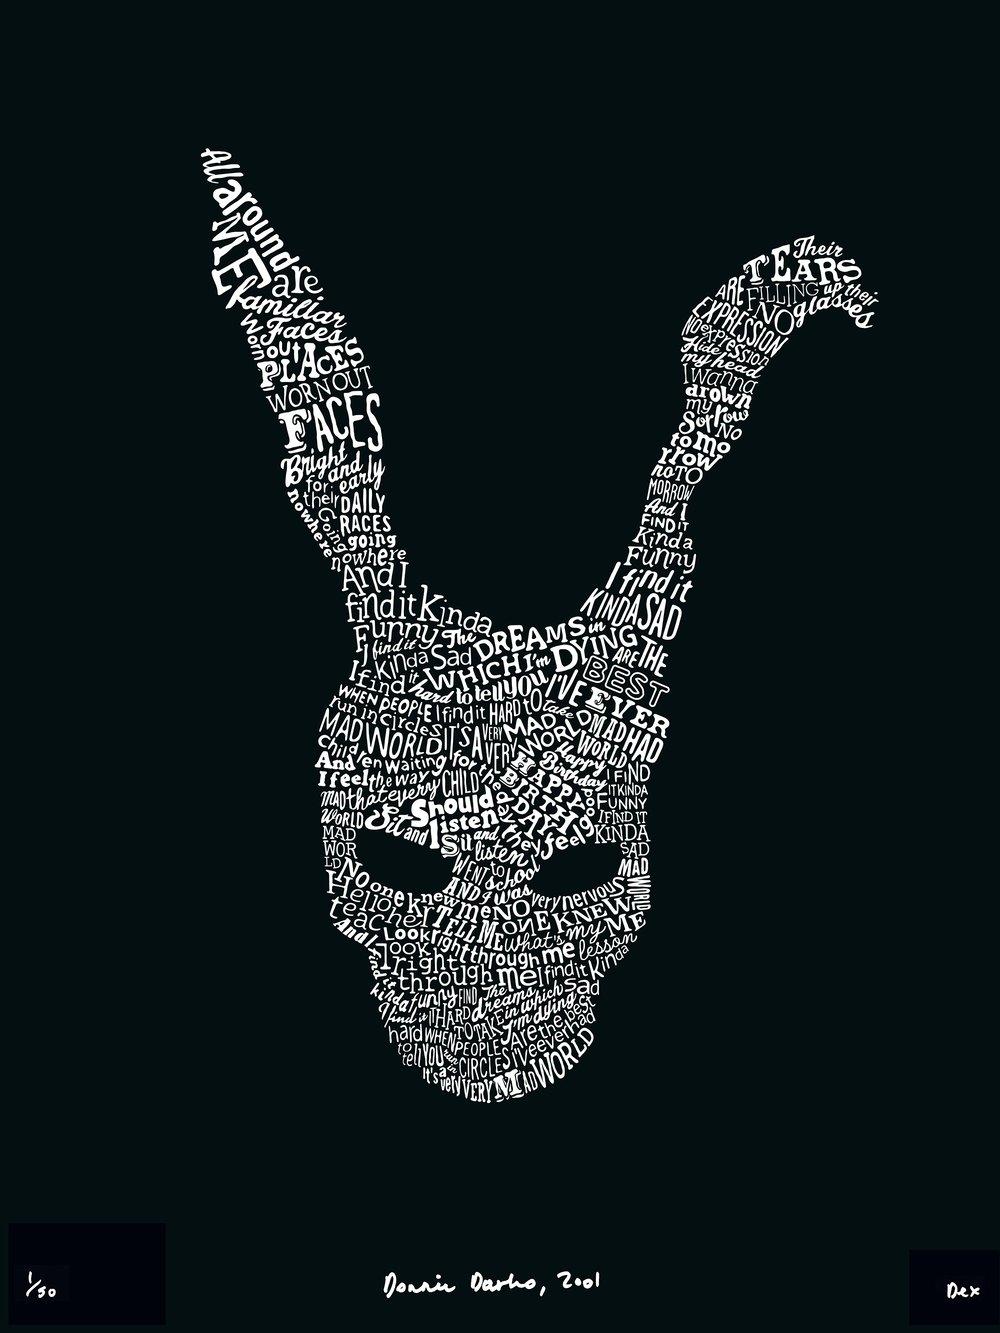 Mad World (Donnie Darko)